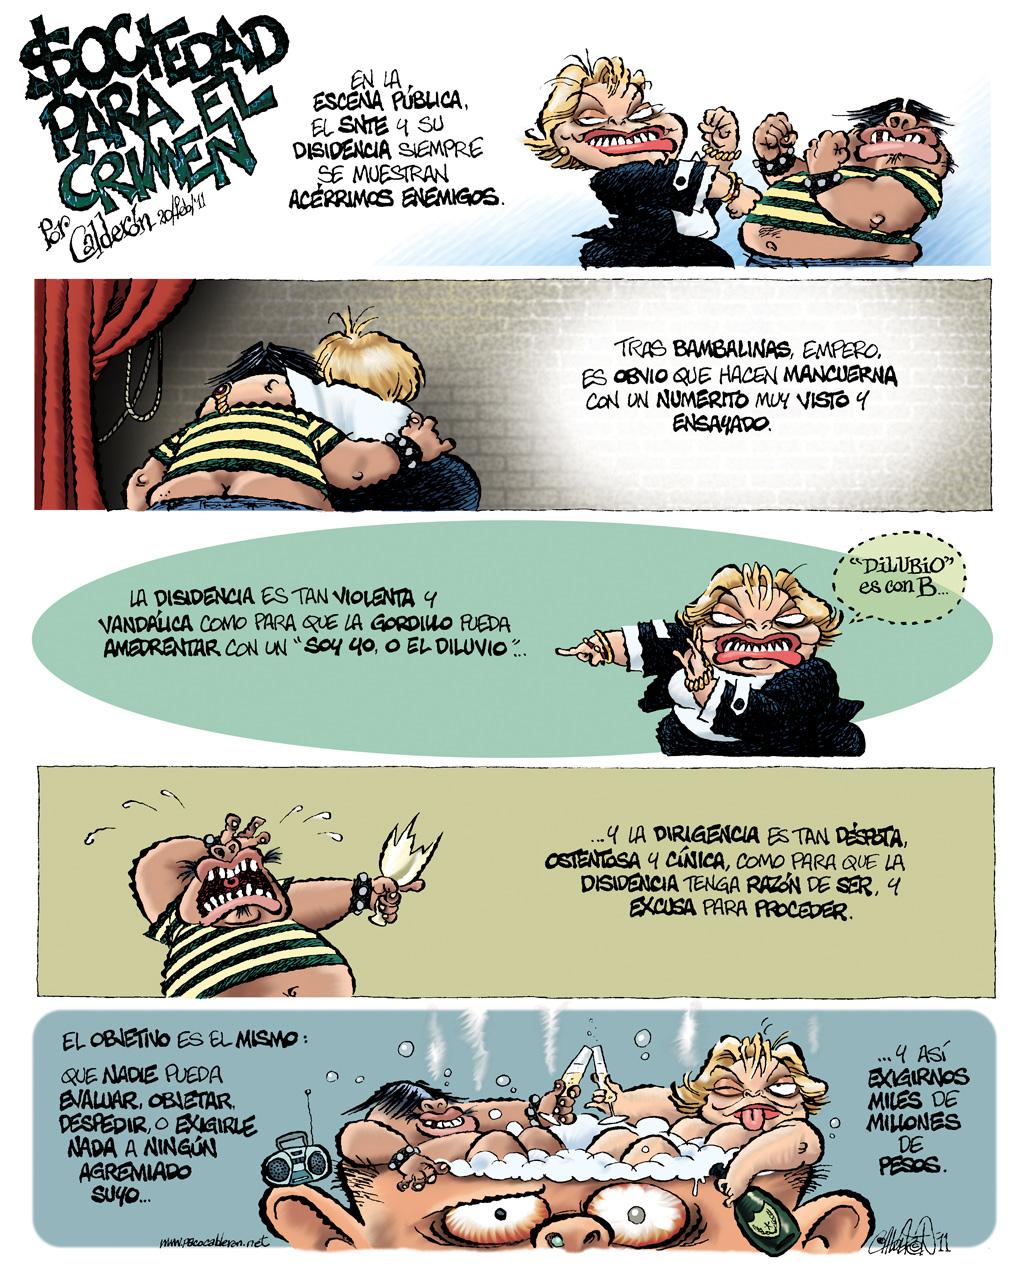 $ociedad para el crimen - Calderón